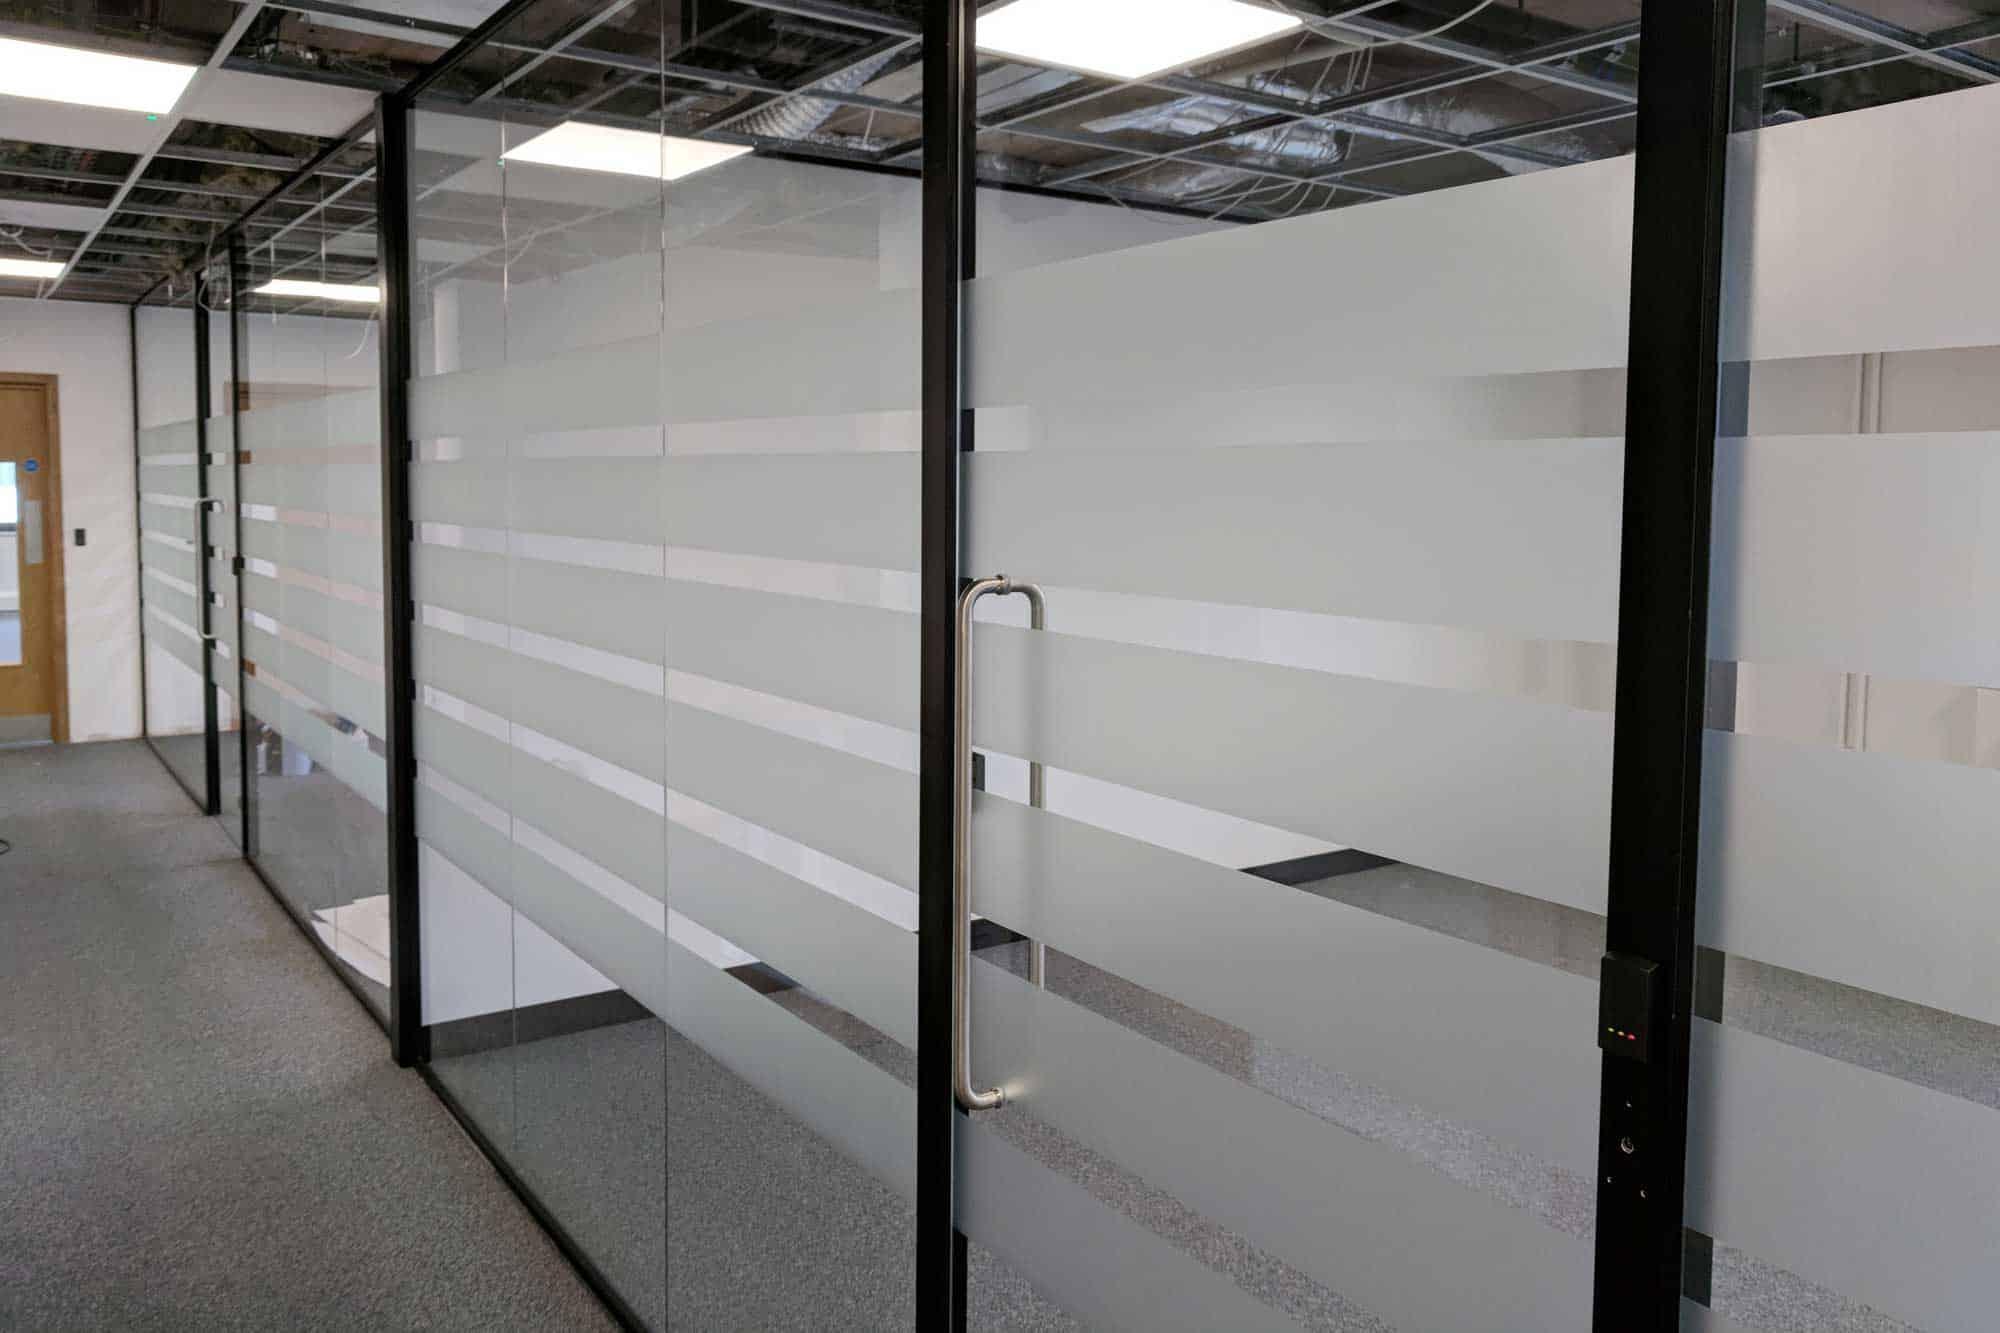 internal office window frost